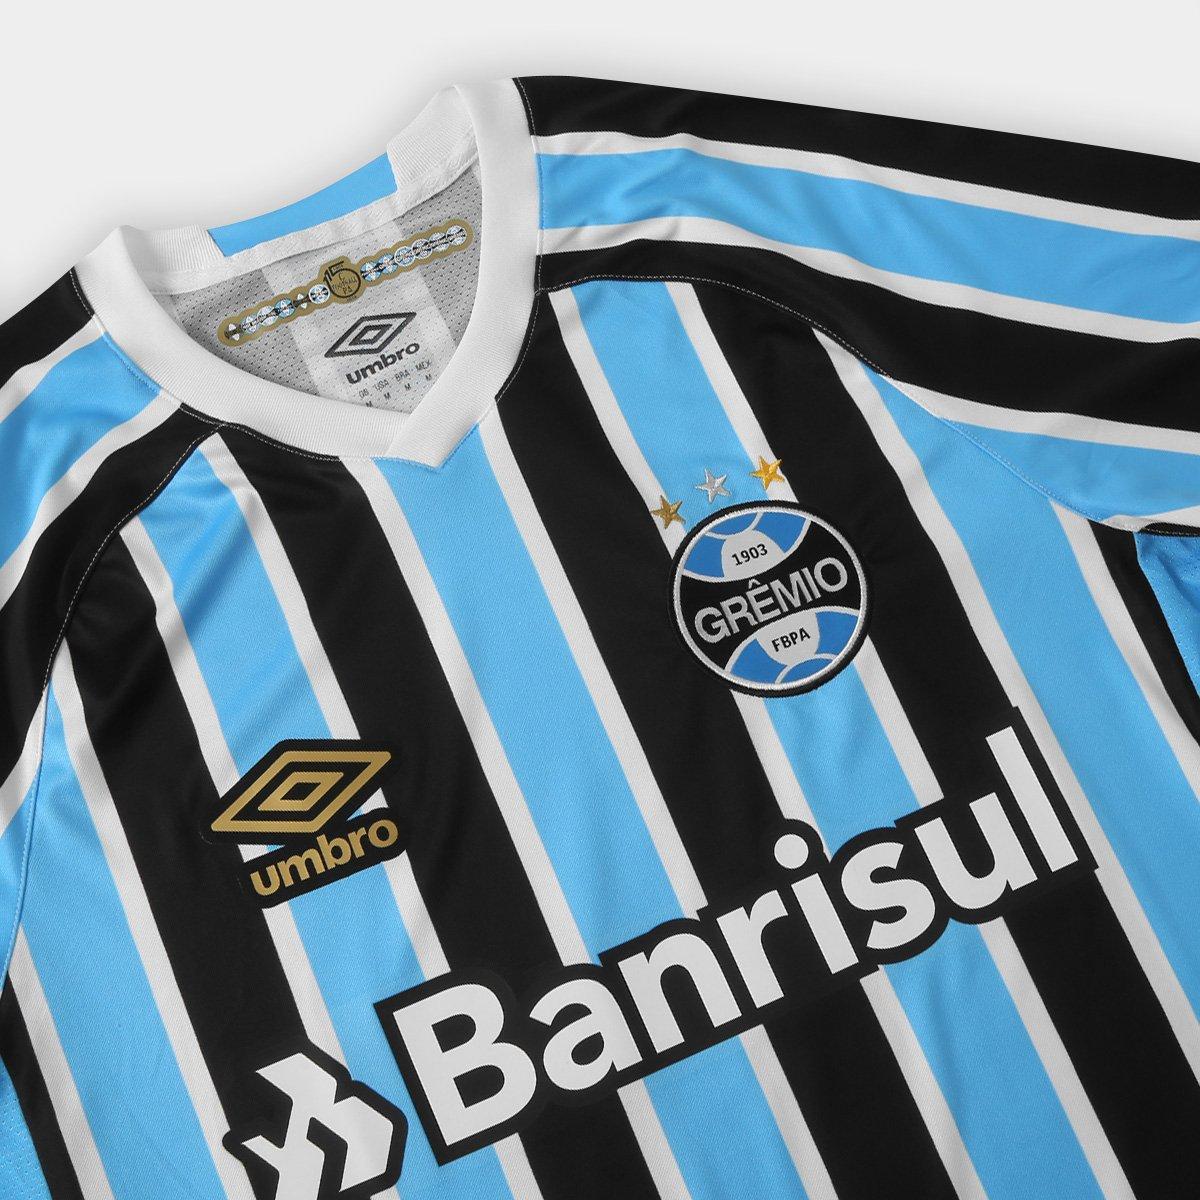 60f543cc43 ... Camisa Grêmio I 18 19 s n° Torcedor Umbro - Patch Campeão Libertadores  ...